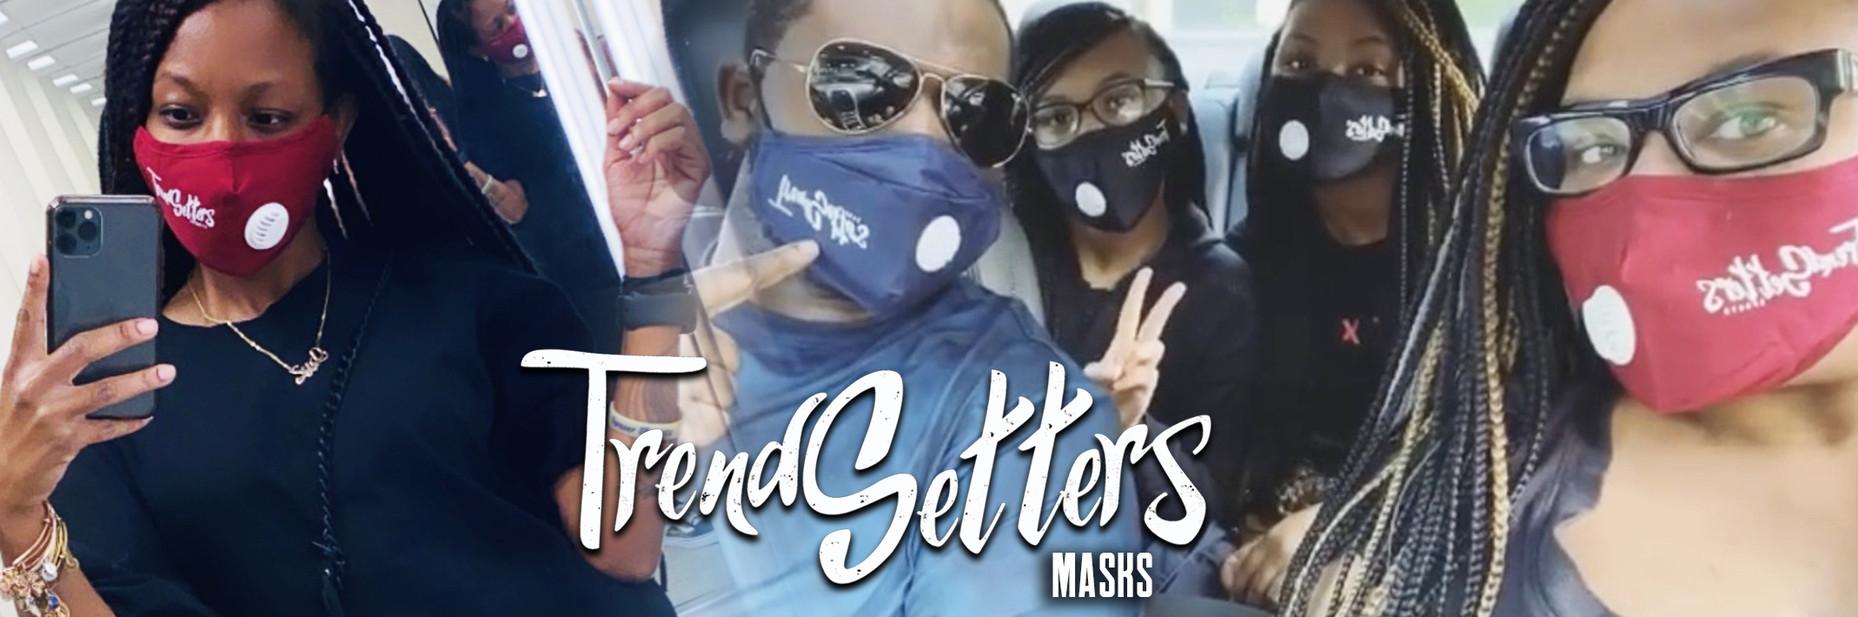 Trendsetters Banner Site 2.jpg